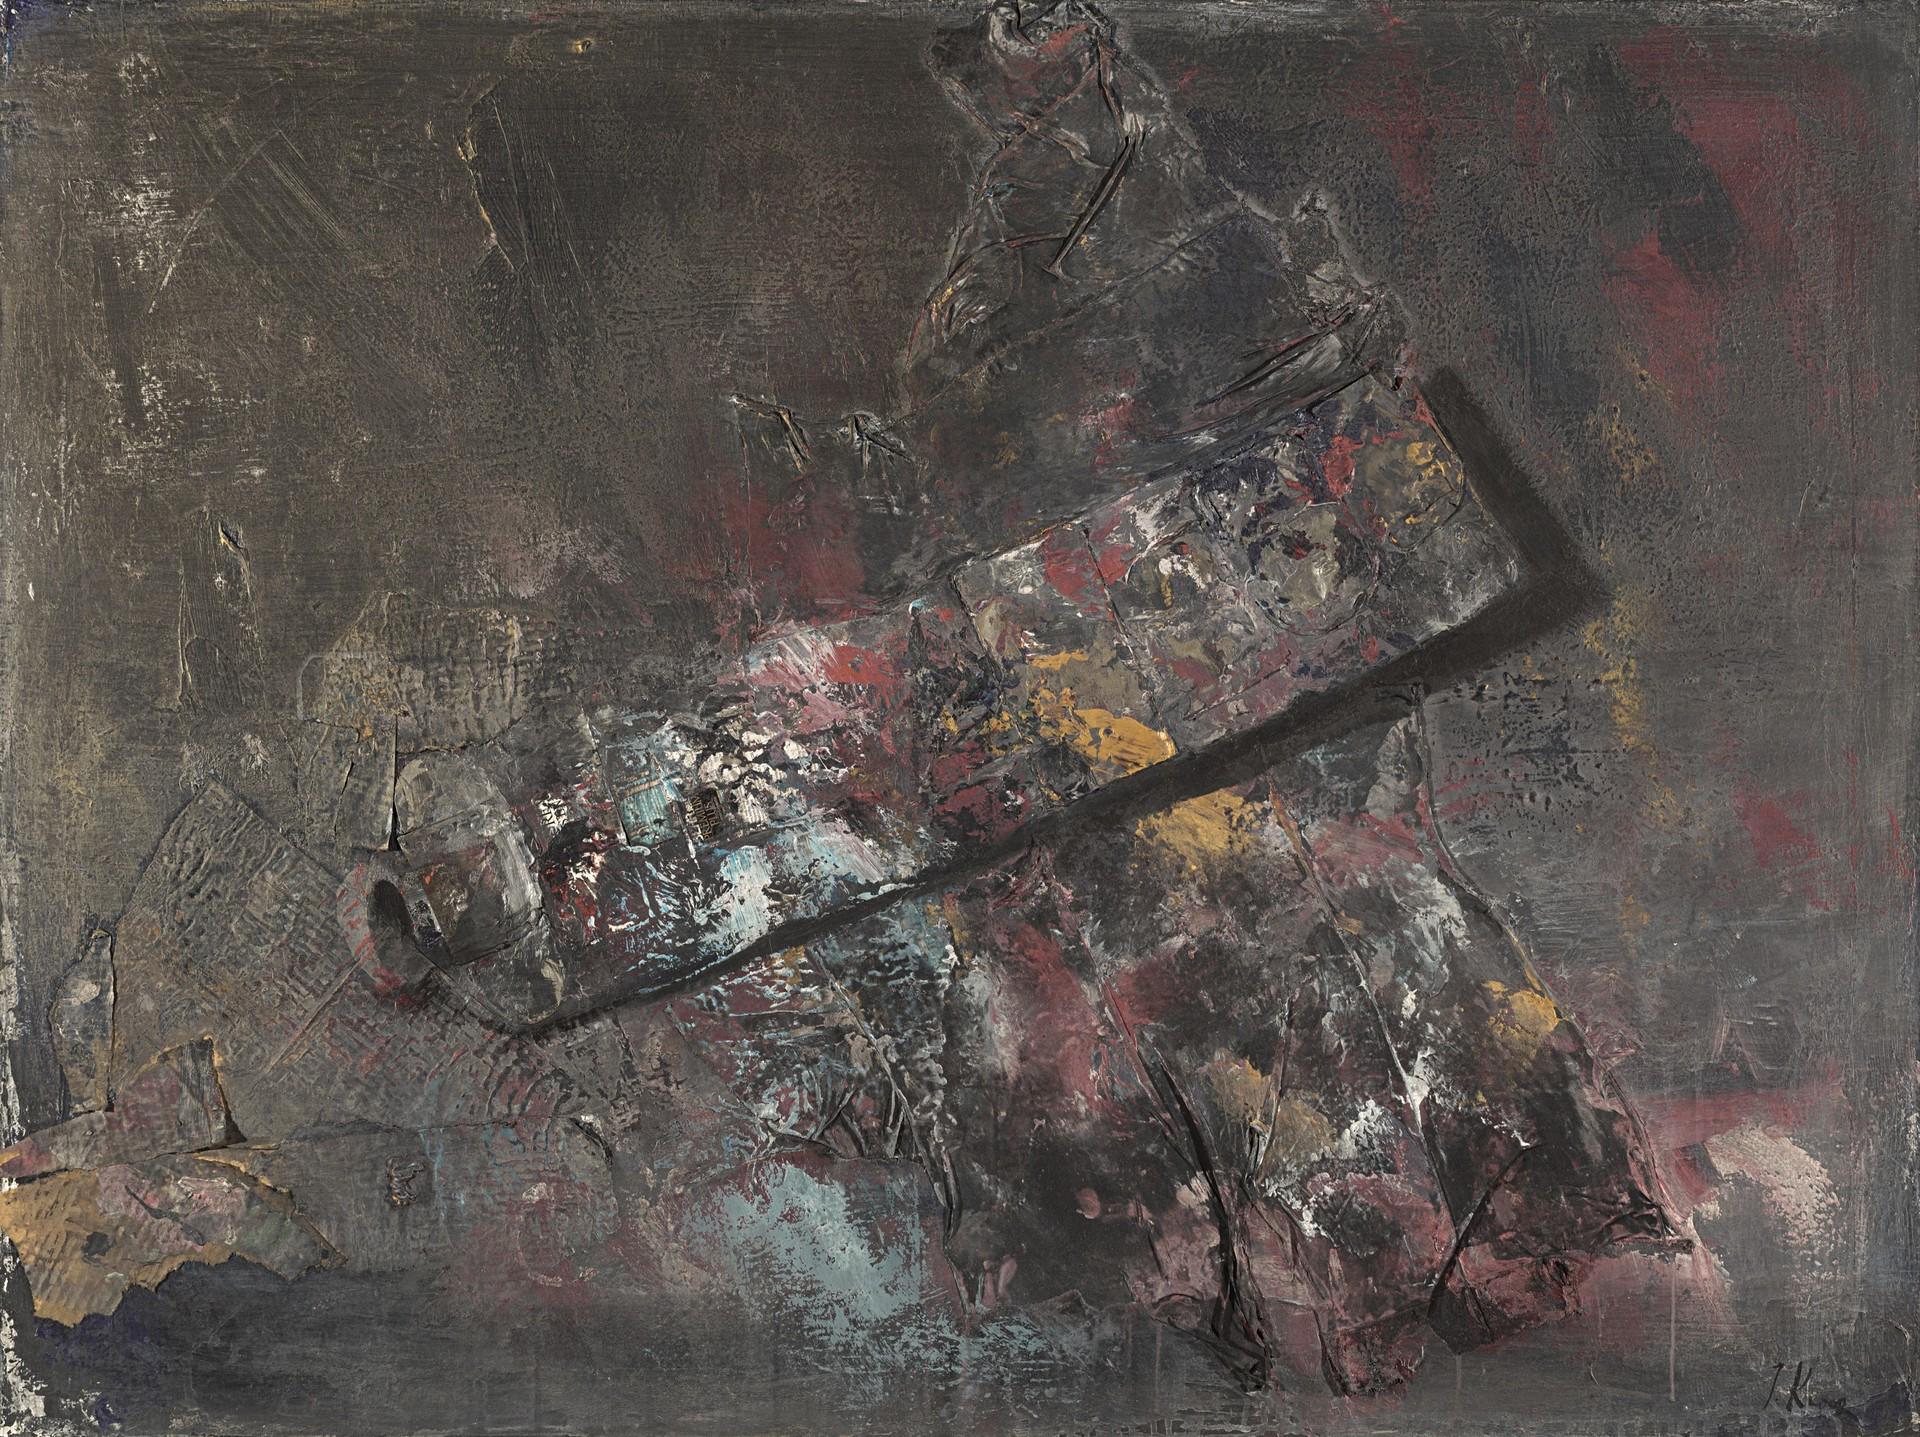 Tubetto vuoto di vernice, 2005, tela, acrilico, collage